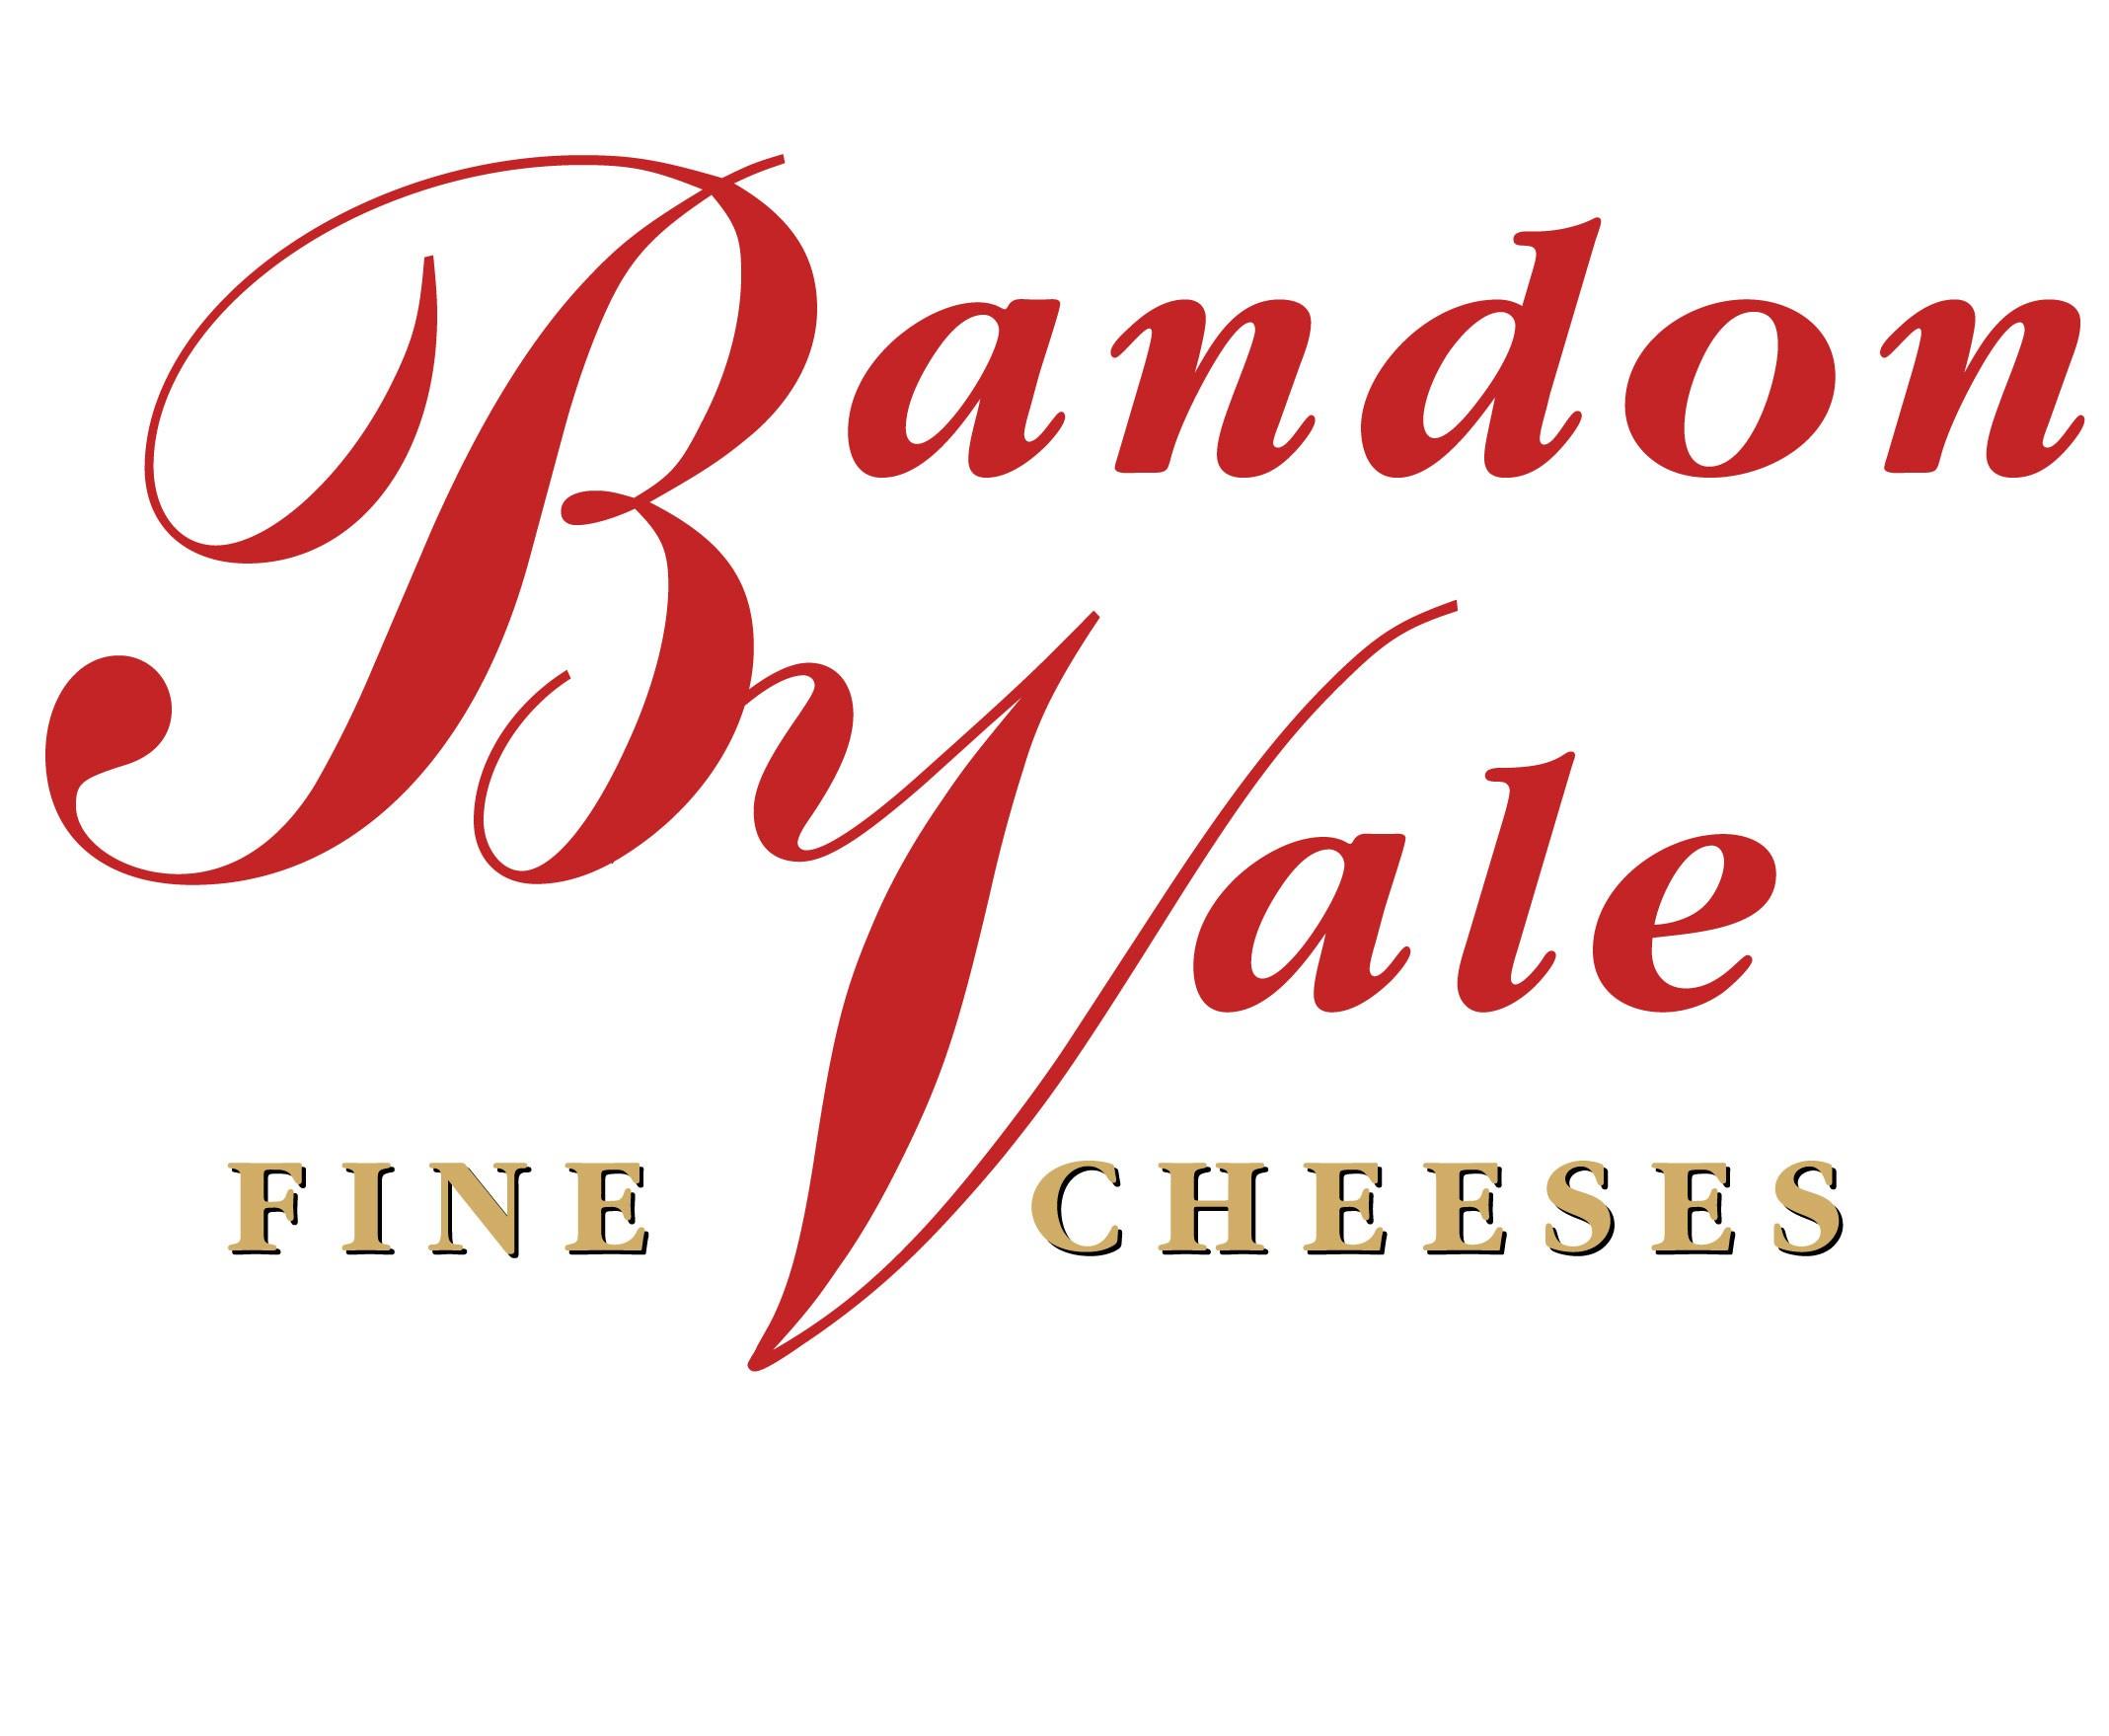 Bandon Vale